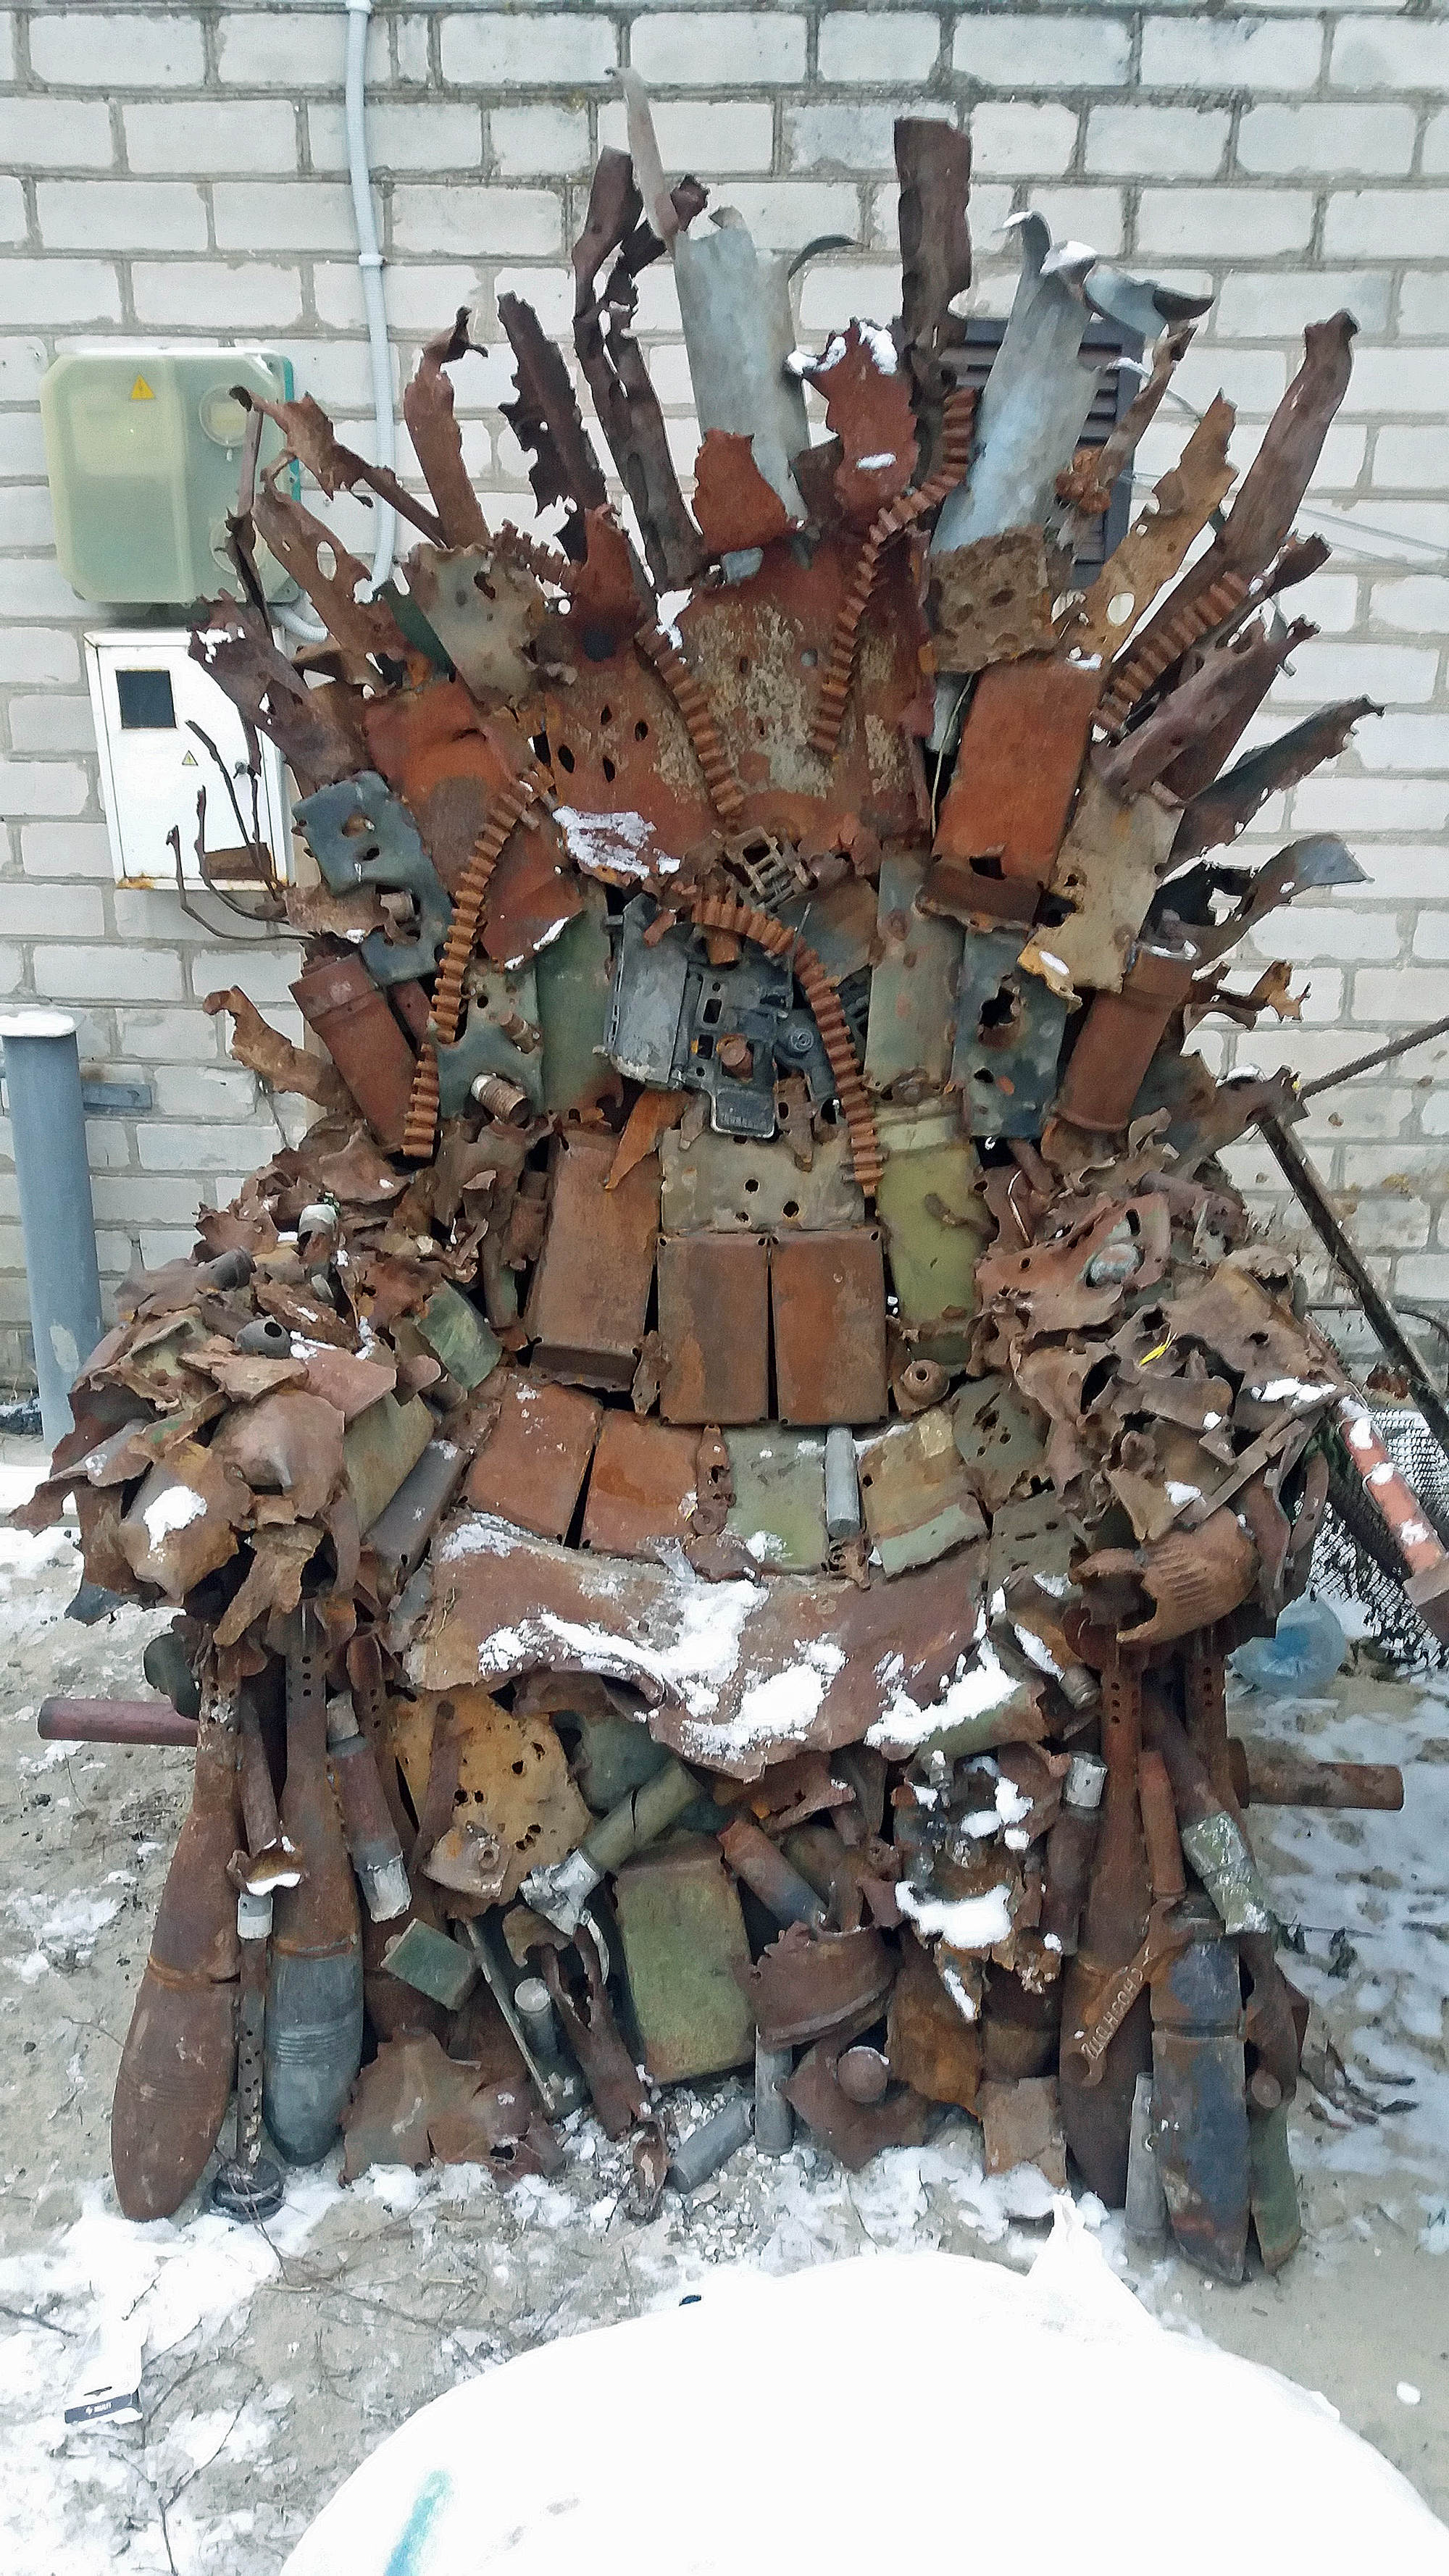 Tron znajduje się w tej chwili we wsi Balabino. 22 stycznia, w dniu jedności Ukrainy, ma trafić do jednego z muzeów w Zaporożu/fot. Marcin Ogdowski